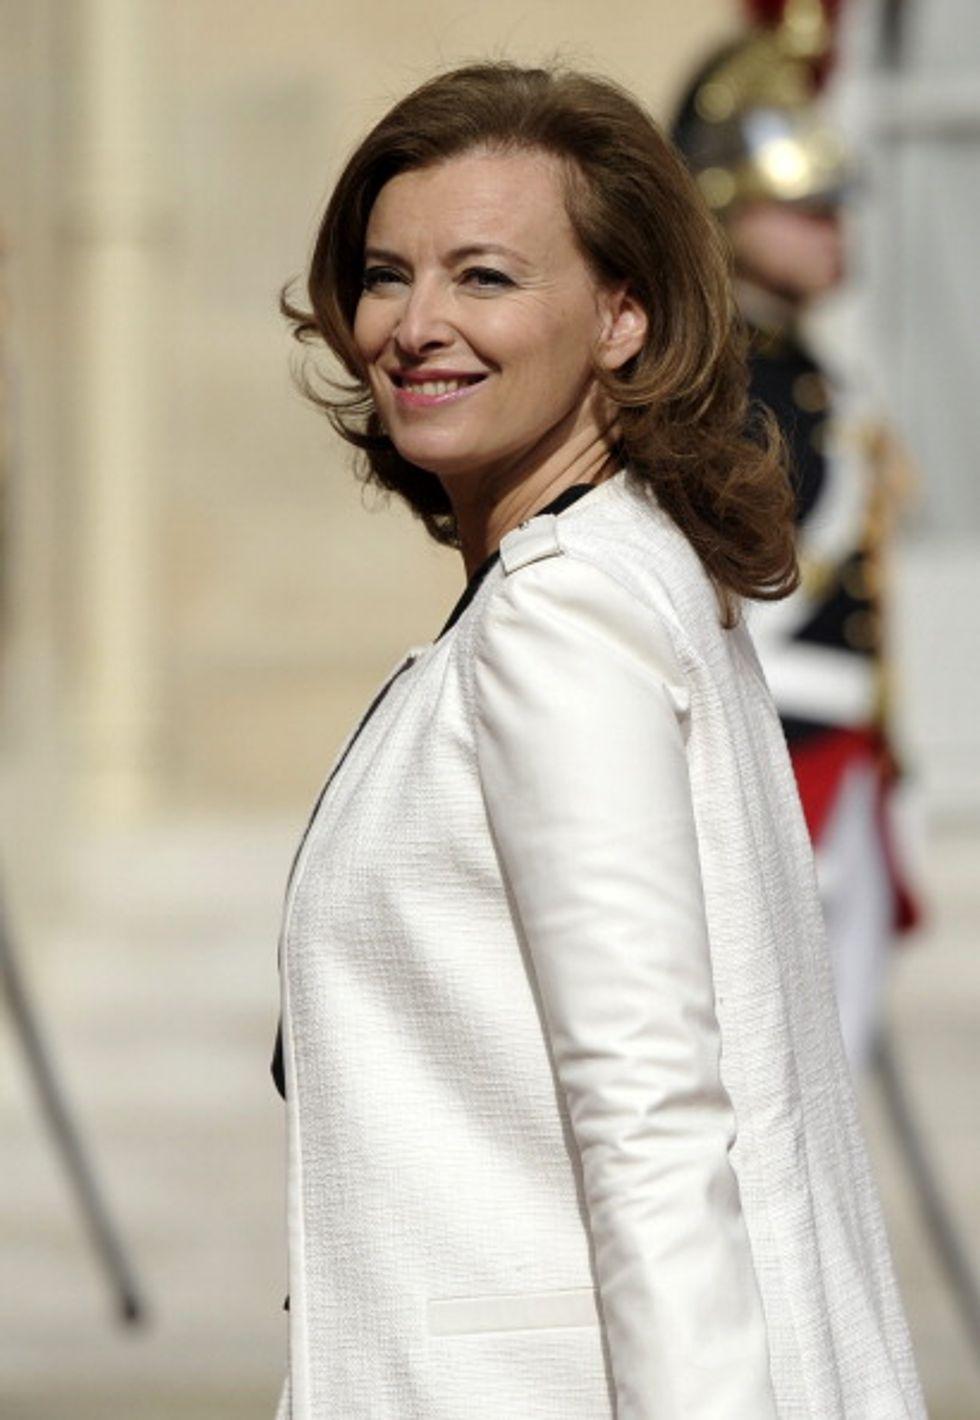 Valérie Trierweiler è pronta a perdonare Francois Hollande